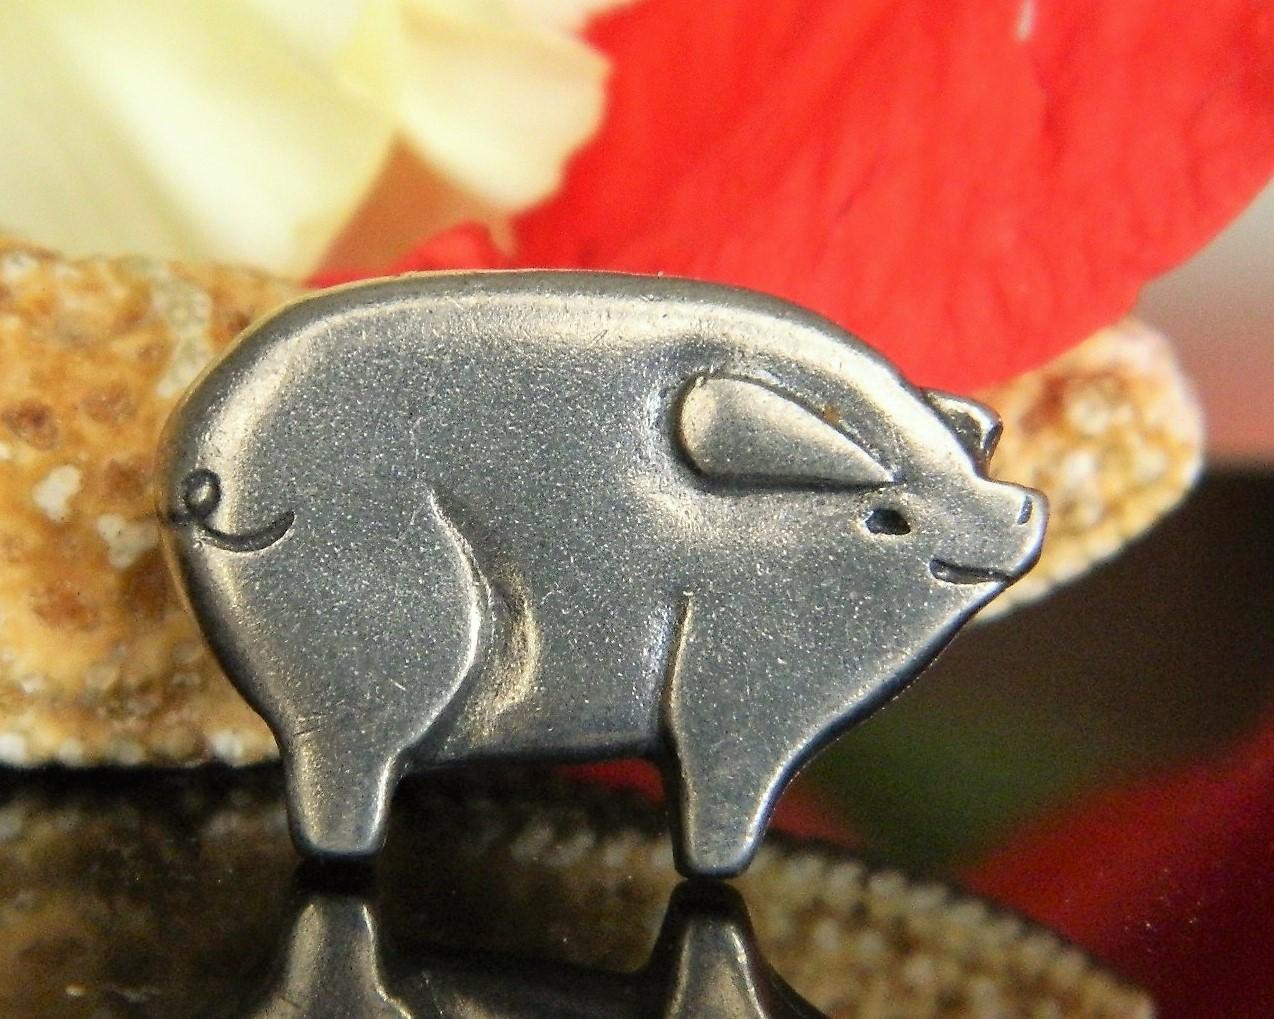 Vintage Pewter Pig Piglet Lapel Pin Tie Tac Signed MVB 84 Figural